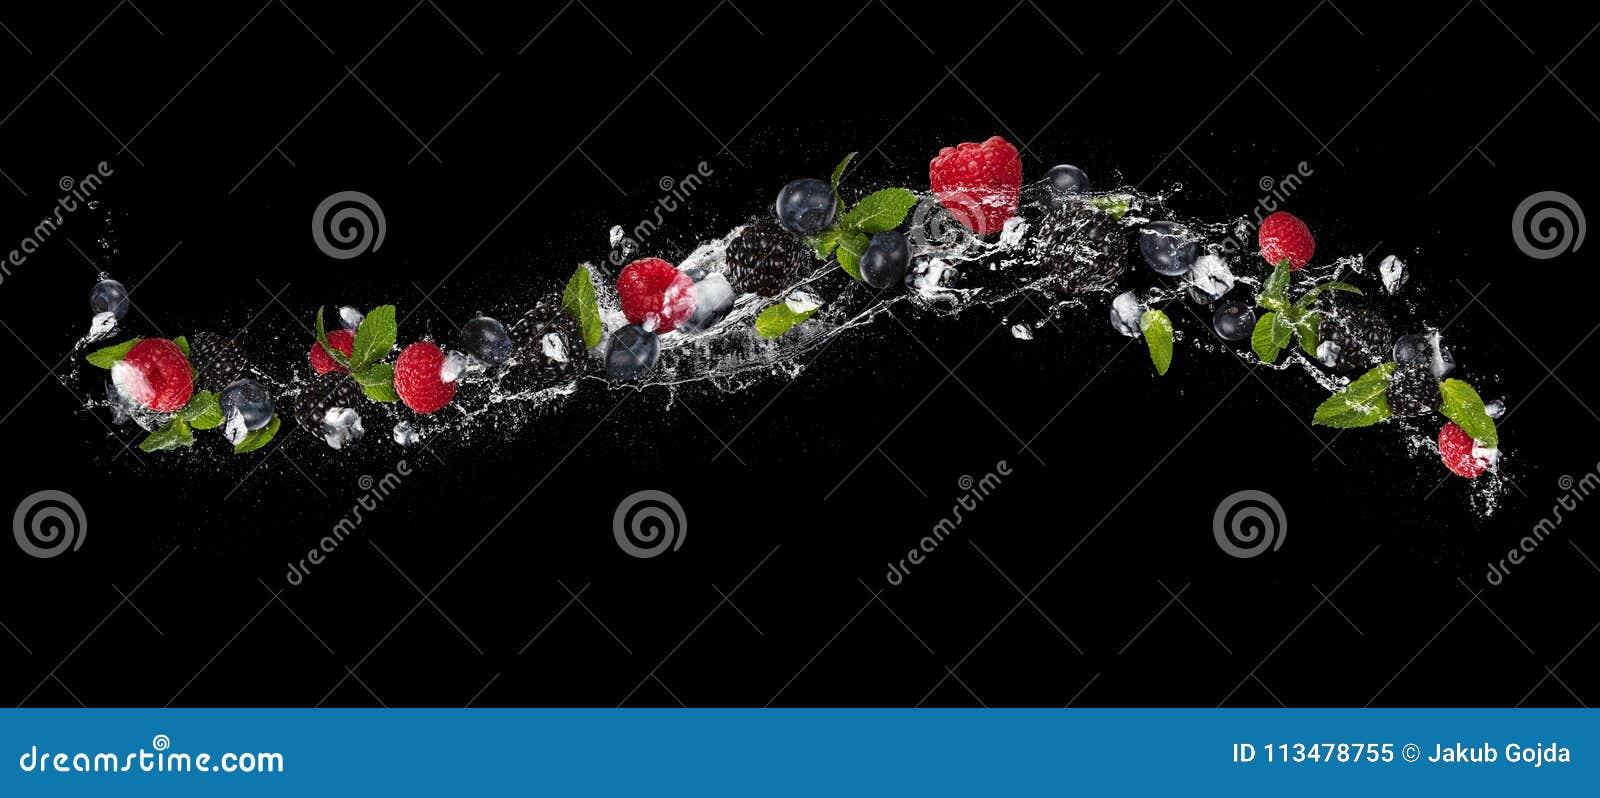 Смешивание плодоовощ ягоды в выплеске воды, изолированное на черной предпосылке